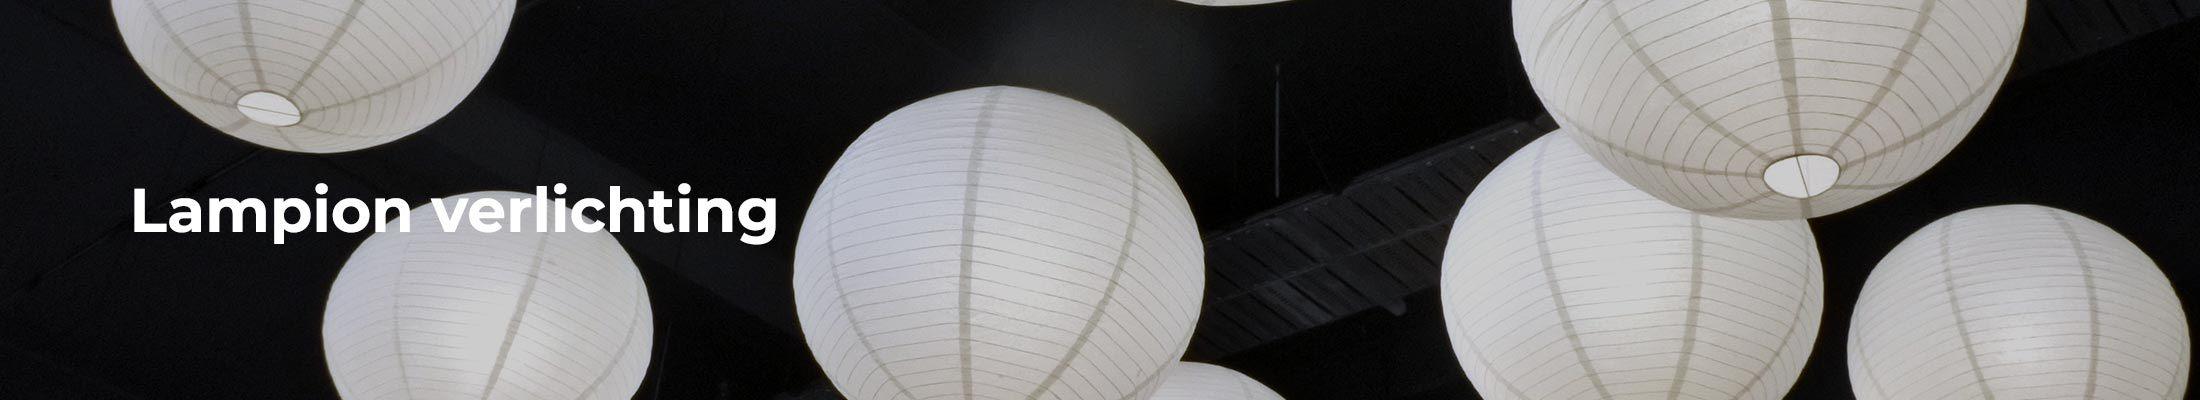 Lampion verlichting